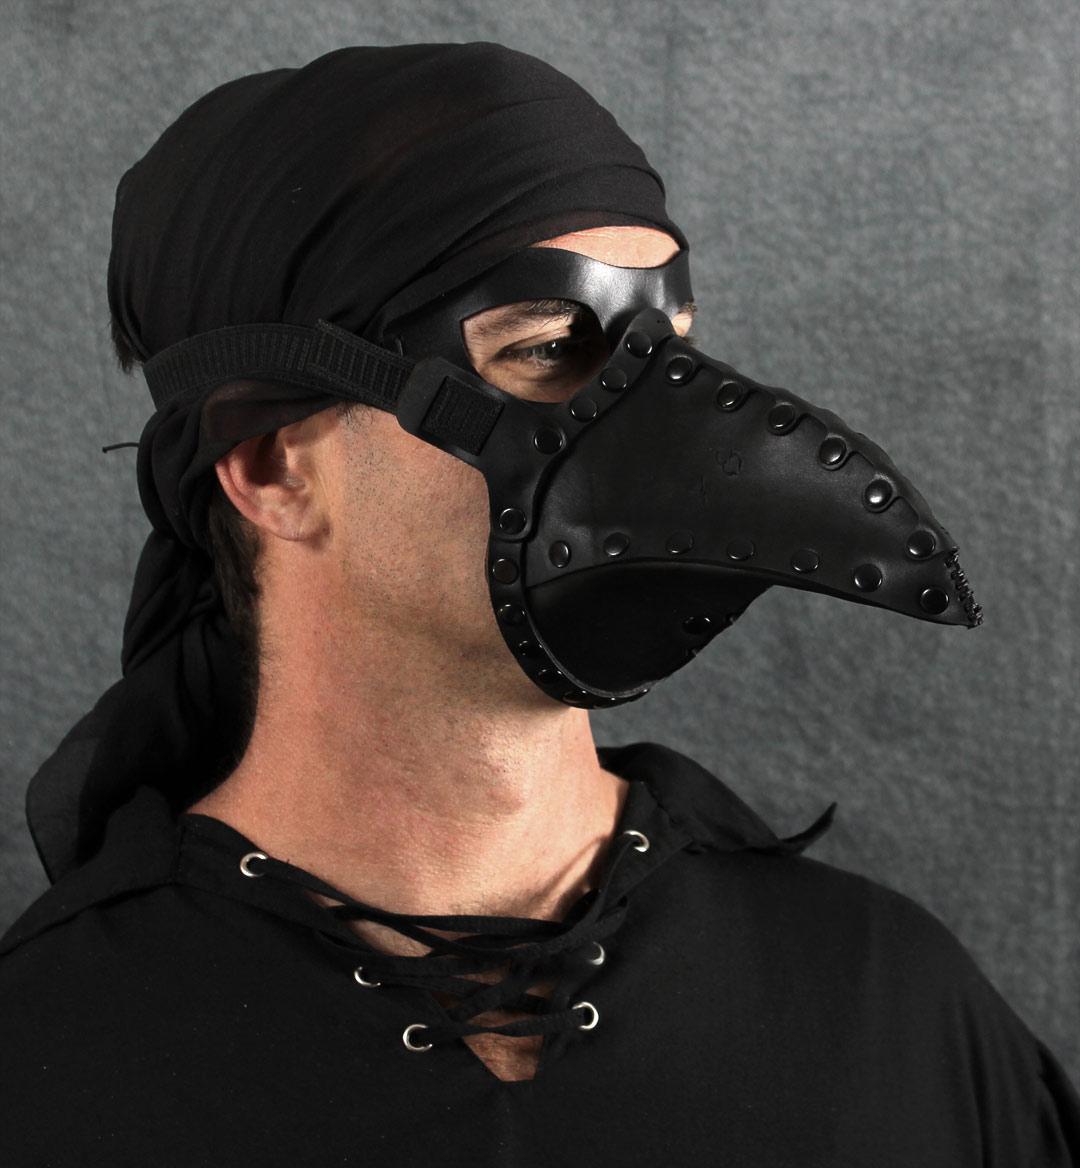 pestis-bk-Jason-pirate.jpg